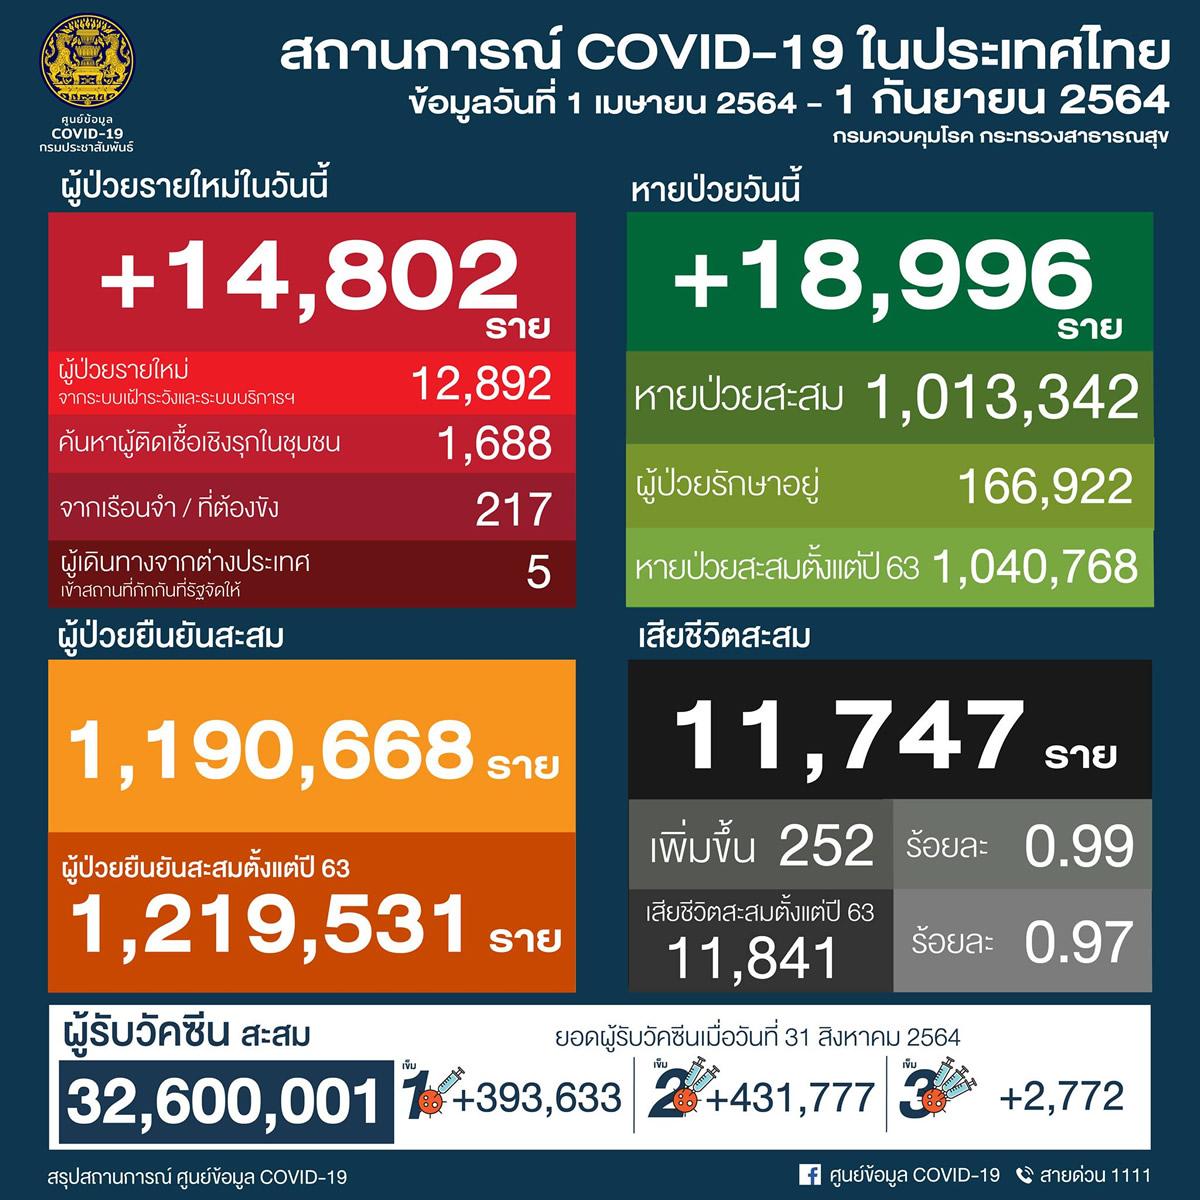 タイ 14,802人陽性 252人死亡/バンコク 3,732人陽性 80人死亡/プーケット 115人陽性[2021年9月1日発表]